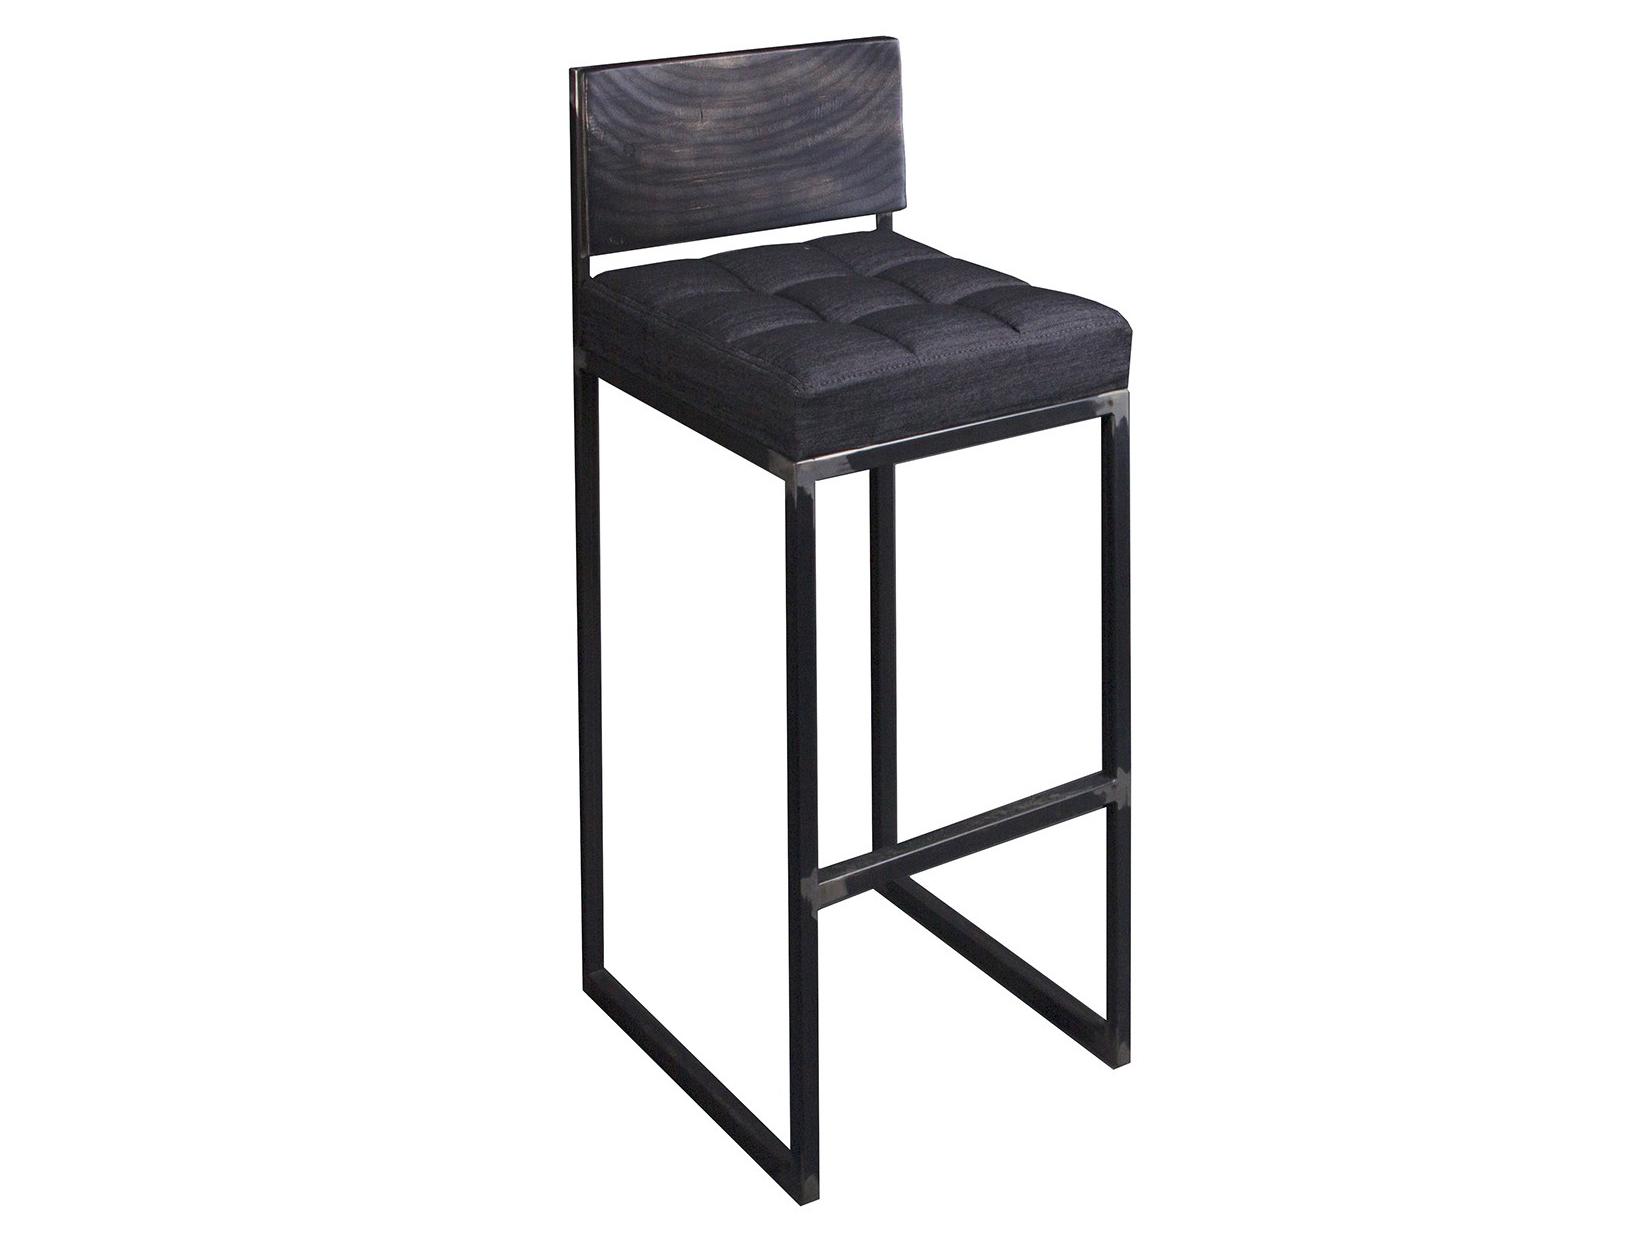 Барный стул Archpole 15430466 от thefurnish